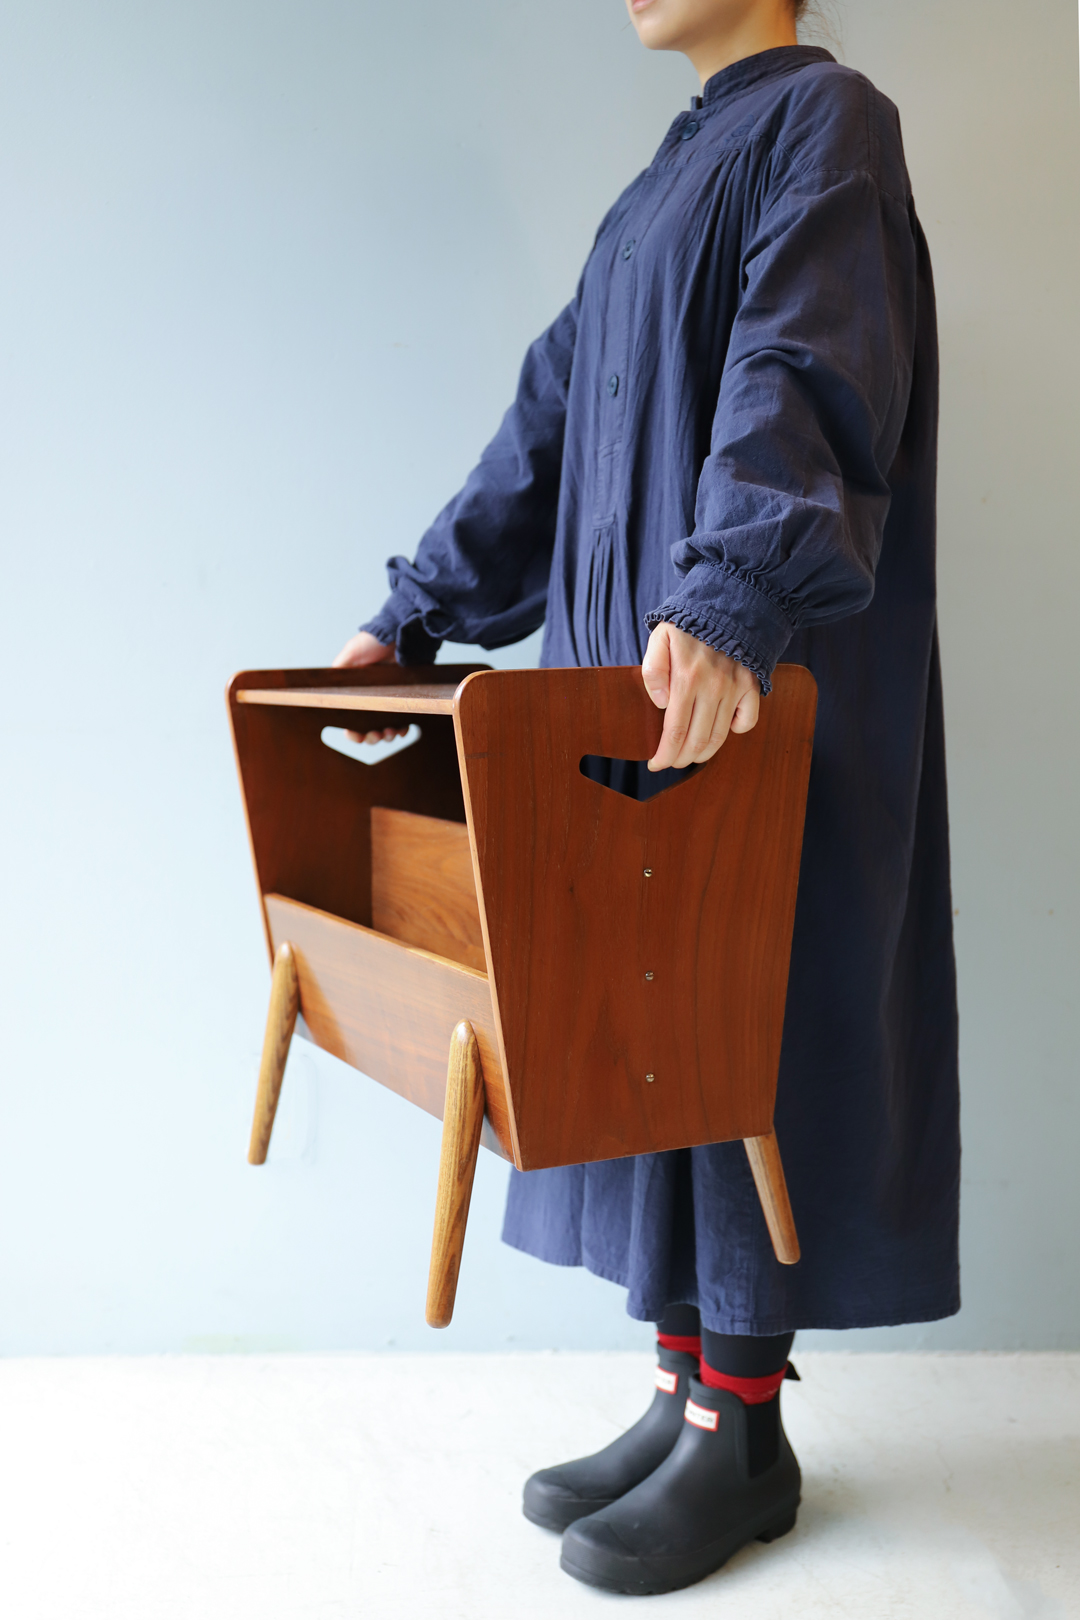 Vintage Magazine Rack Midcentury Design/ヴィンテージ マガジンラック サイドテーブル ミッドセンチュリー デザイン